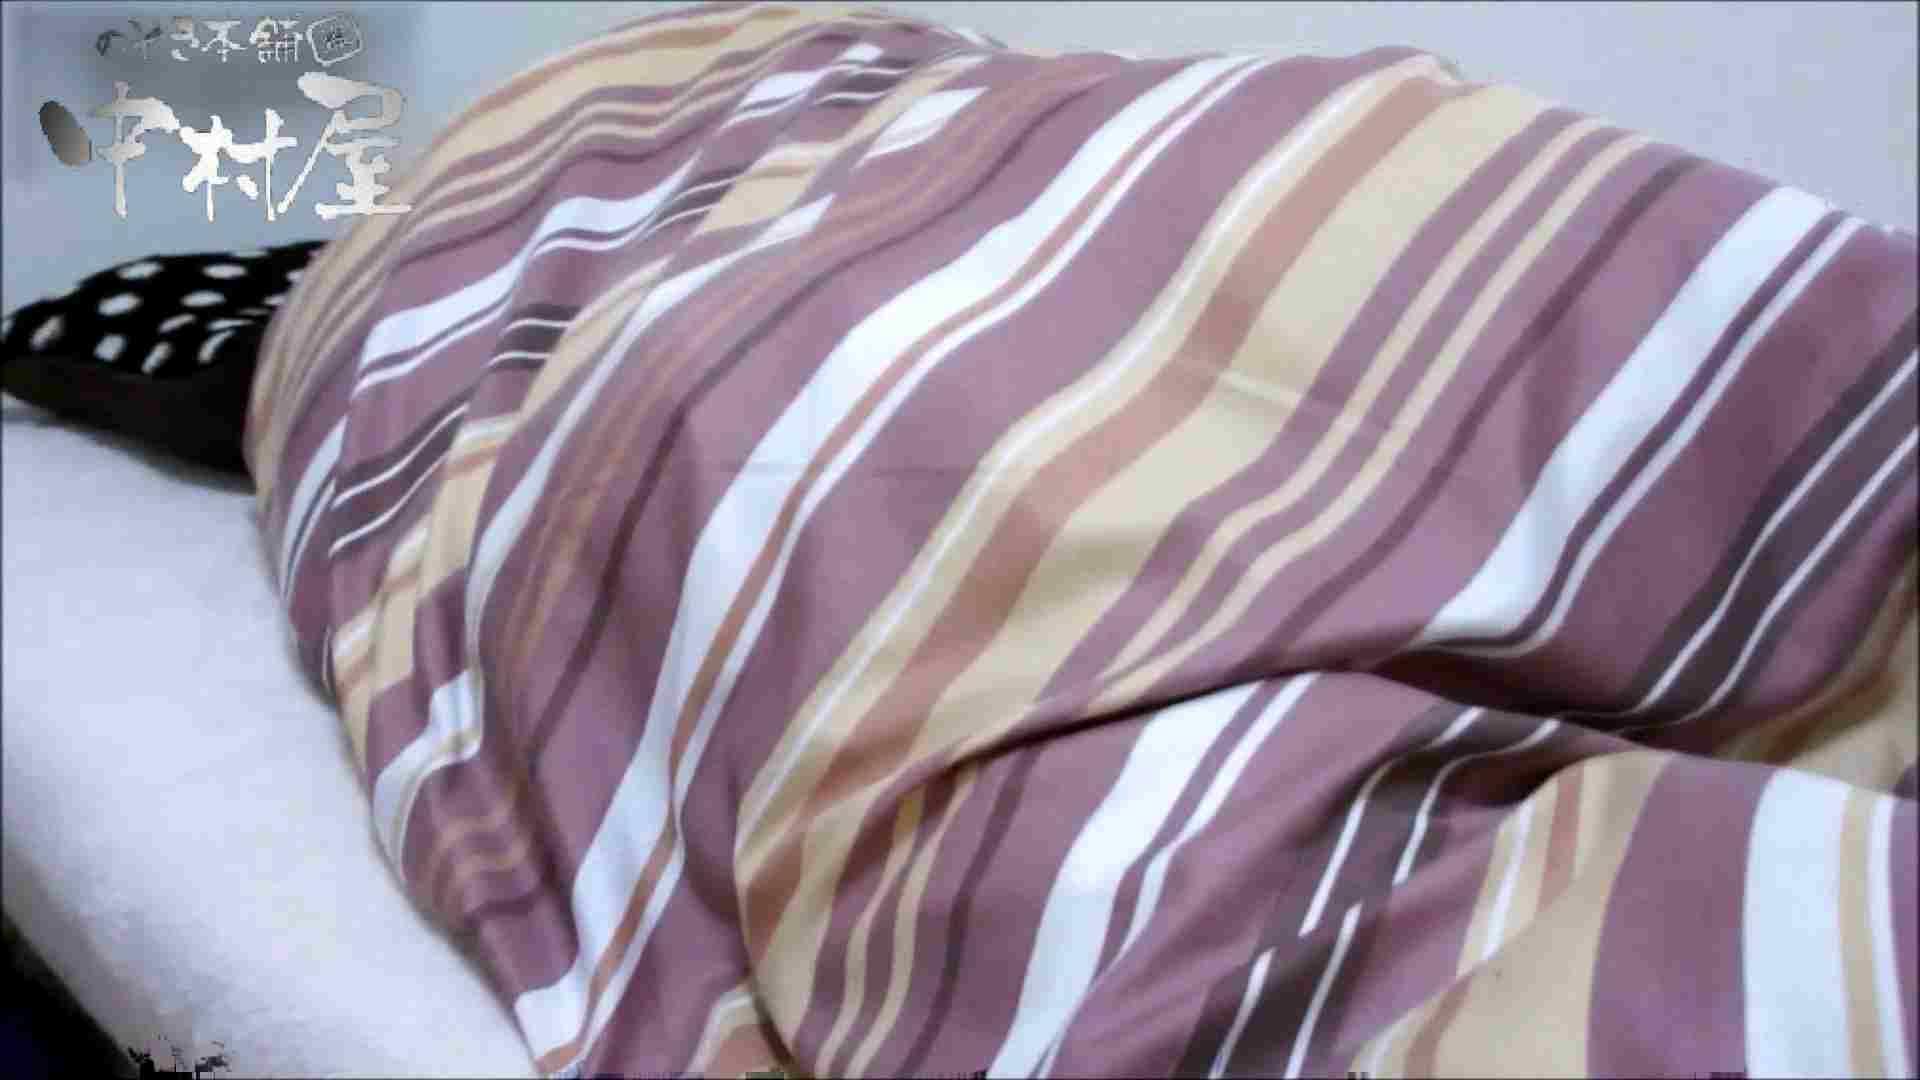 無修正ヌード|わが愛しき女良達よFile.103 【小春】レイカが眠る横で、、、親友の小春ちゃんをちょめちょめして。|のぞき本舗 中村屋